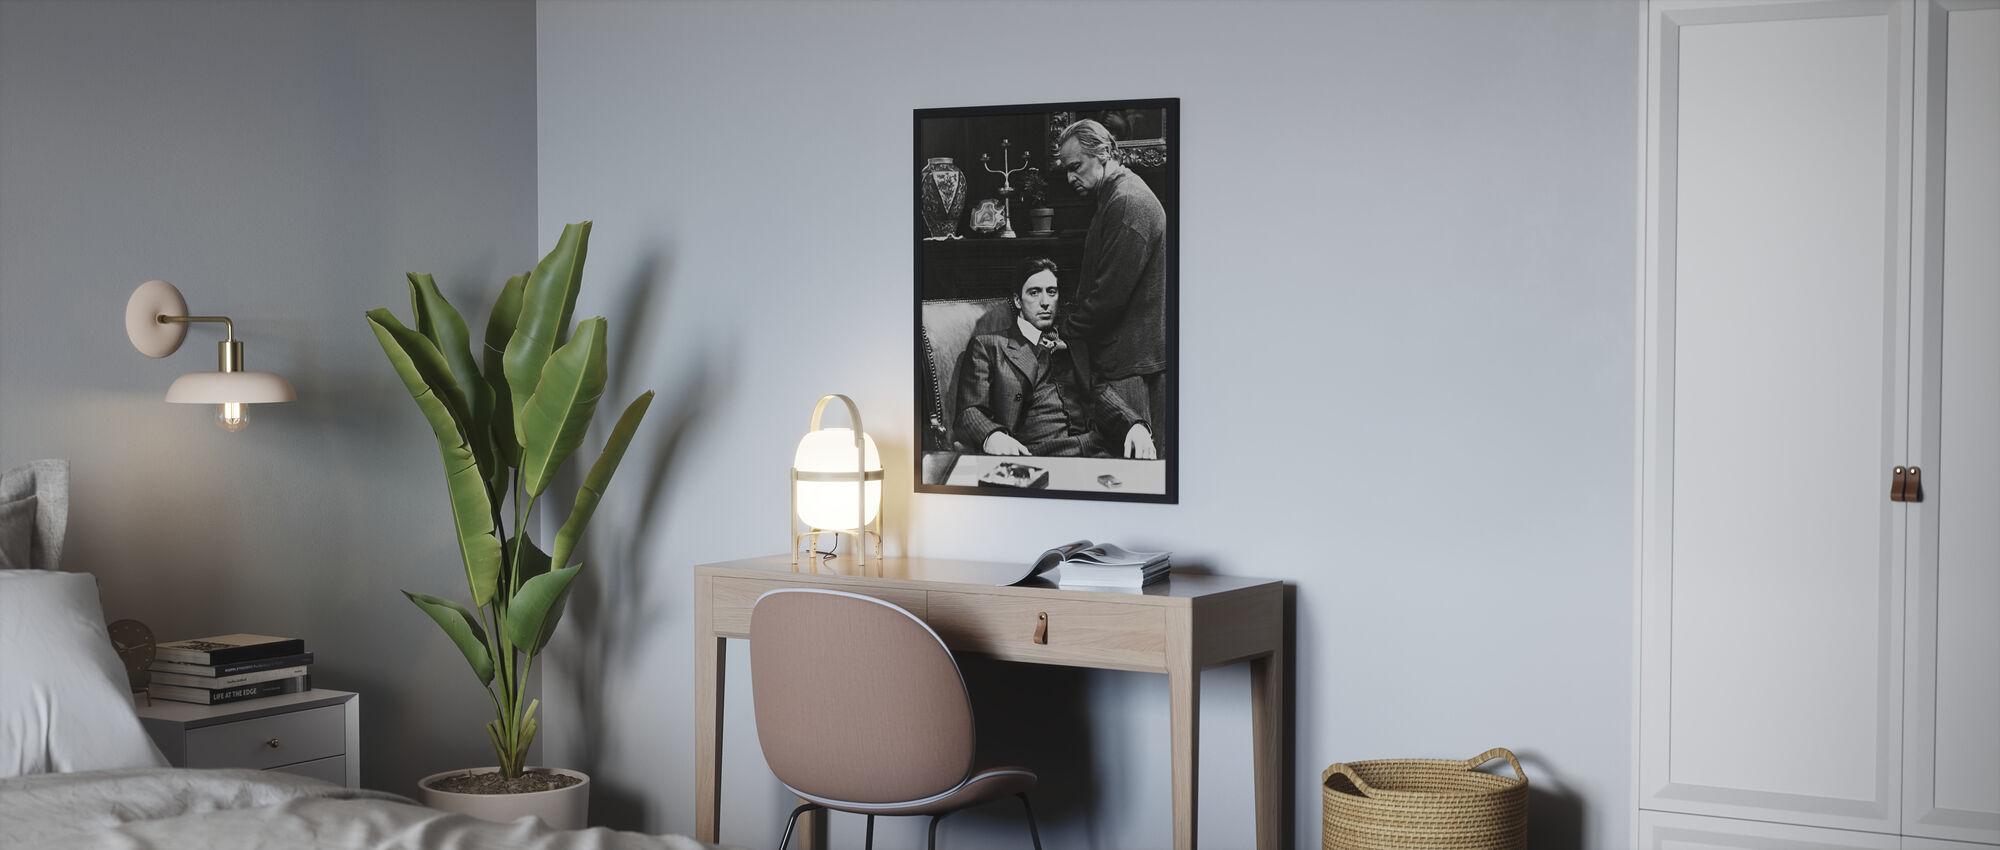 Parrain - Al Pacino et Marlon Brando - Affiche - Chambre